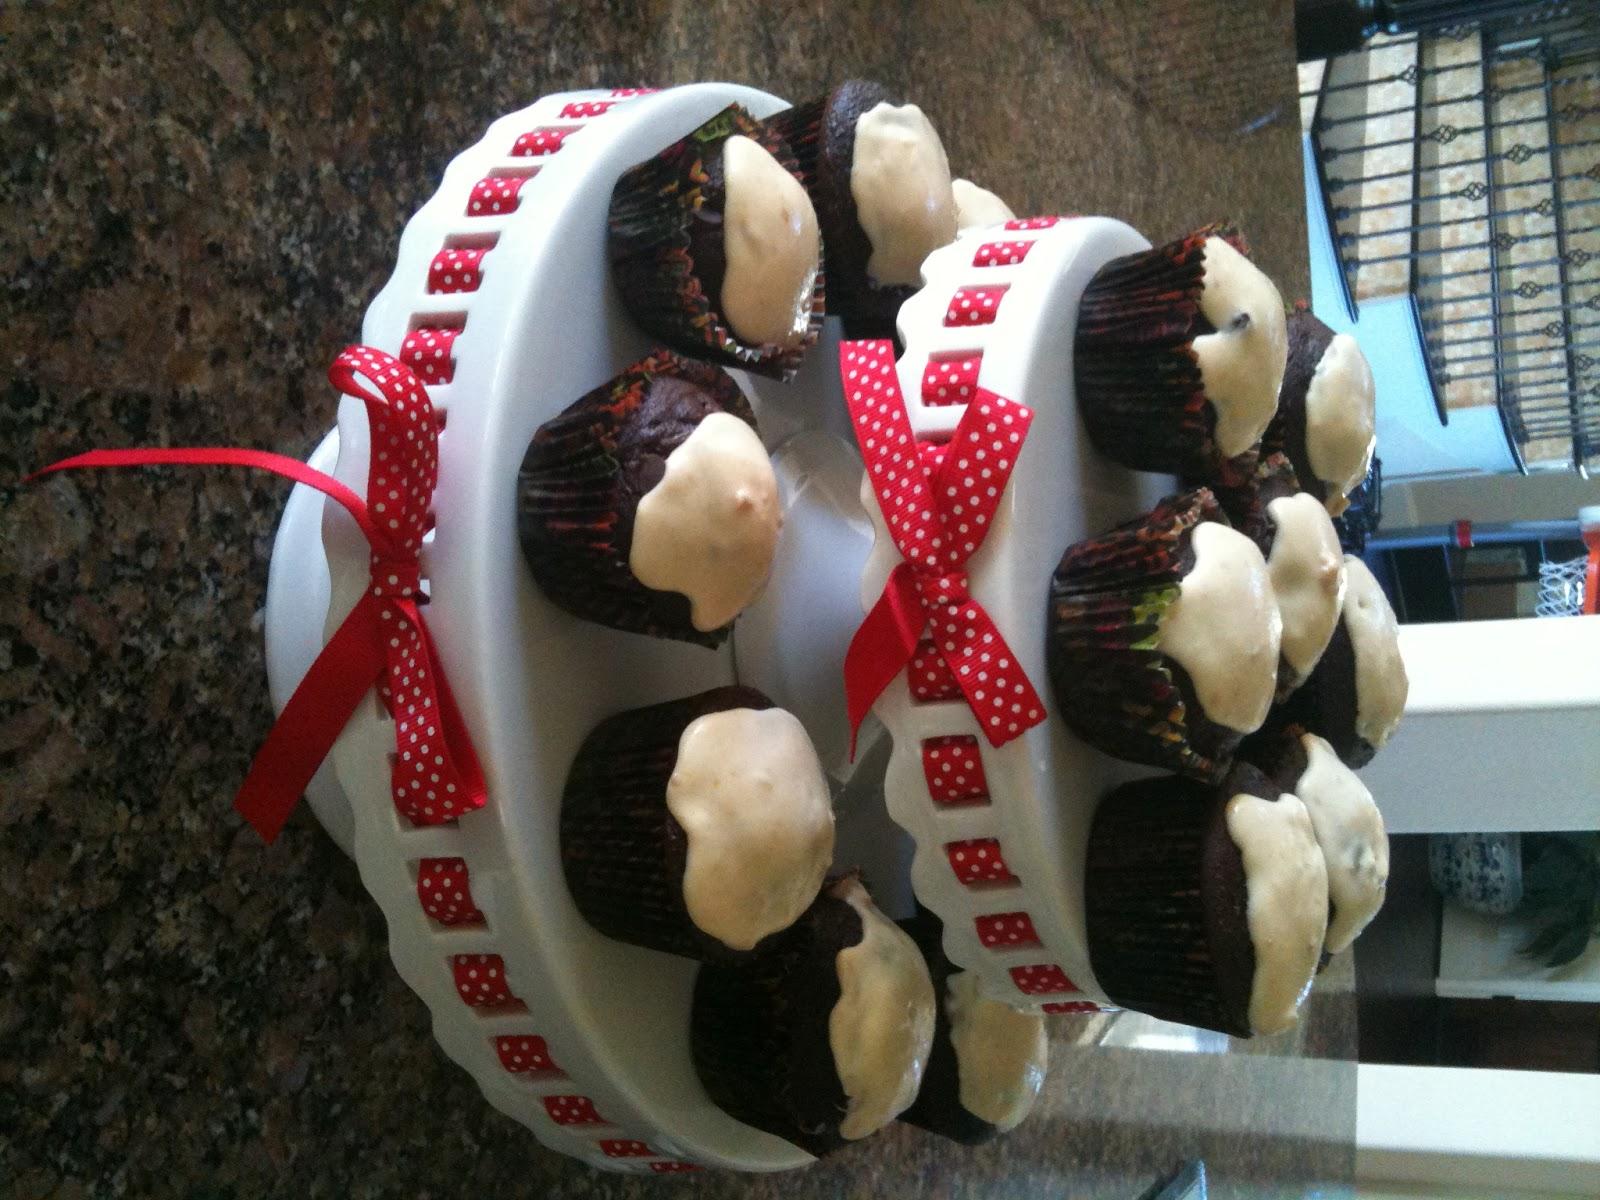 http://4.bp.blogspot.com/_KkQfZhg9L20/TM5BplXJ2WI/AAAAAAAAD4U/mvQi05FCaS0/s1600/sweetpotato.JPG